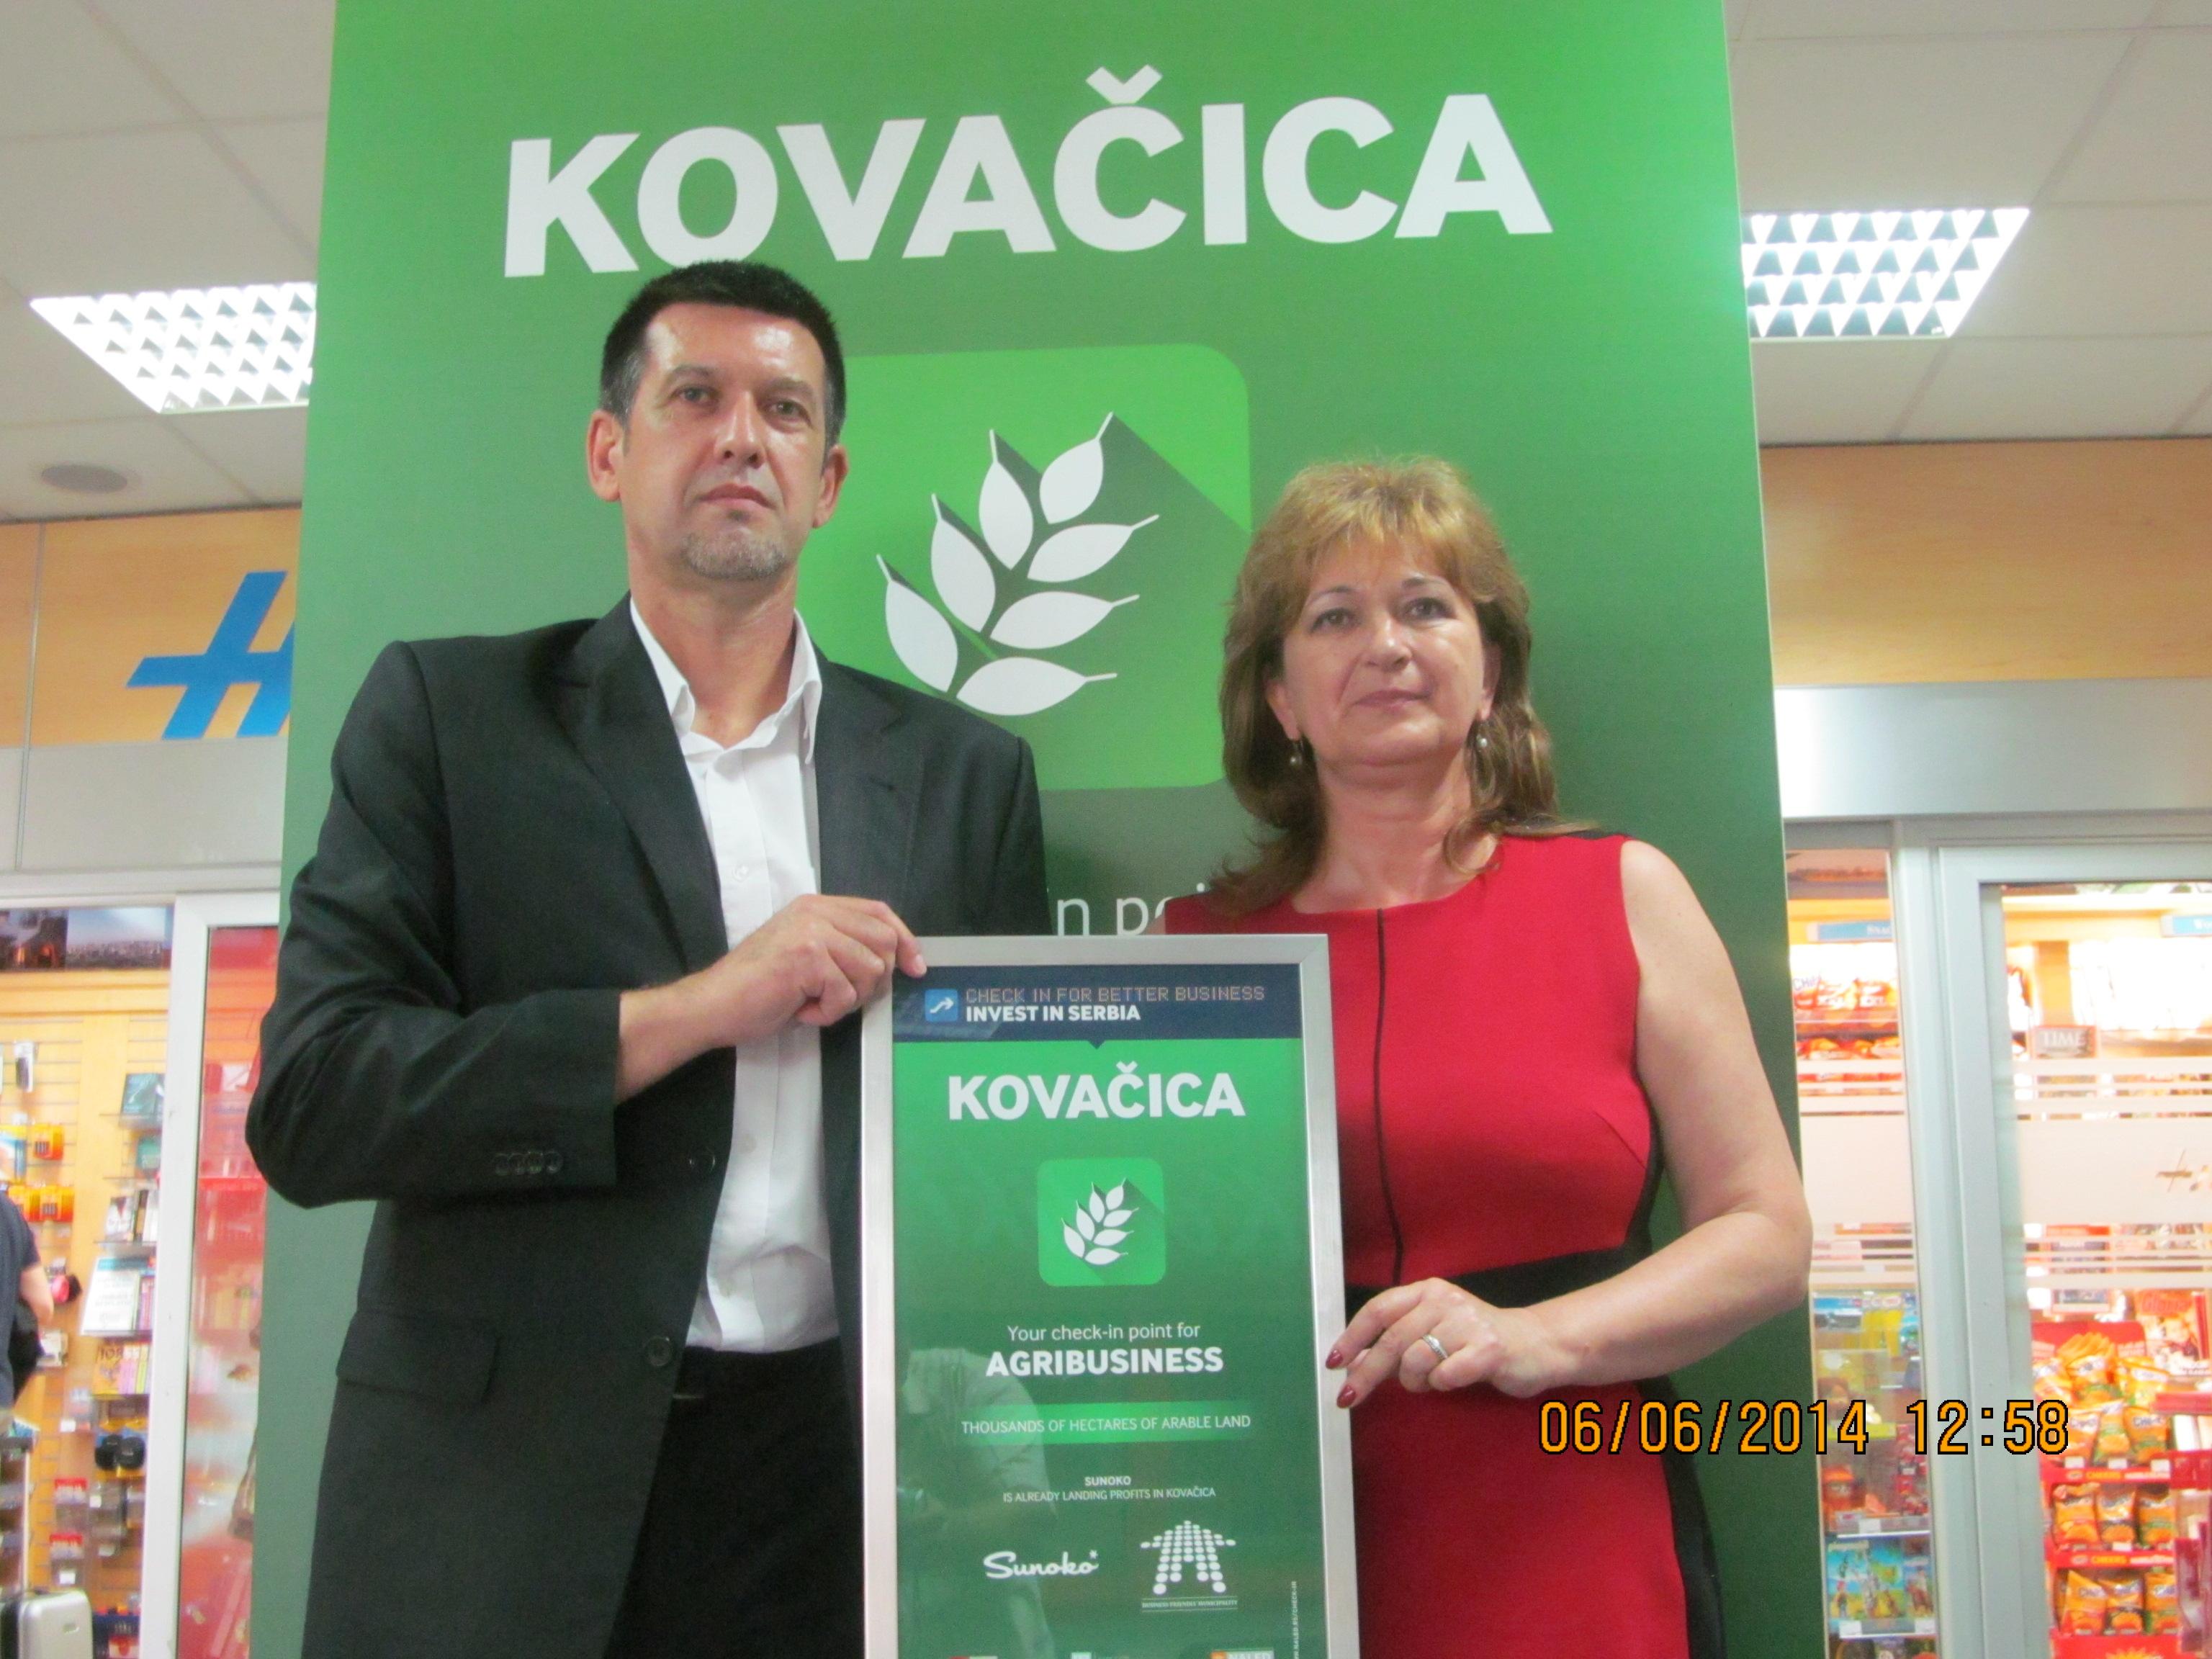 Opština Kovačica » Promocija Kovačice na aerodromu